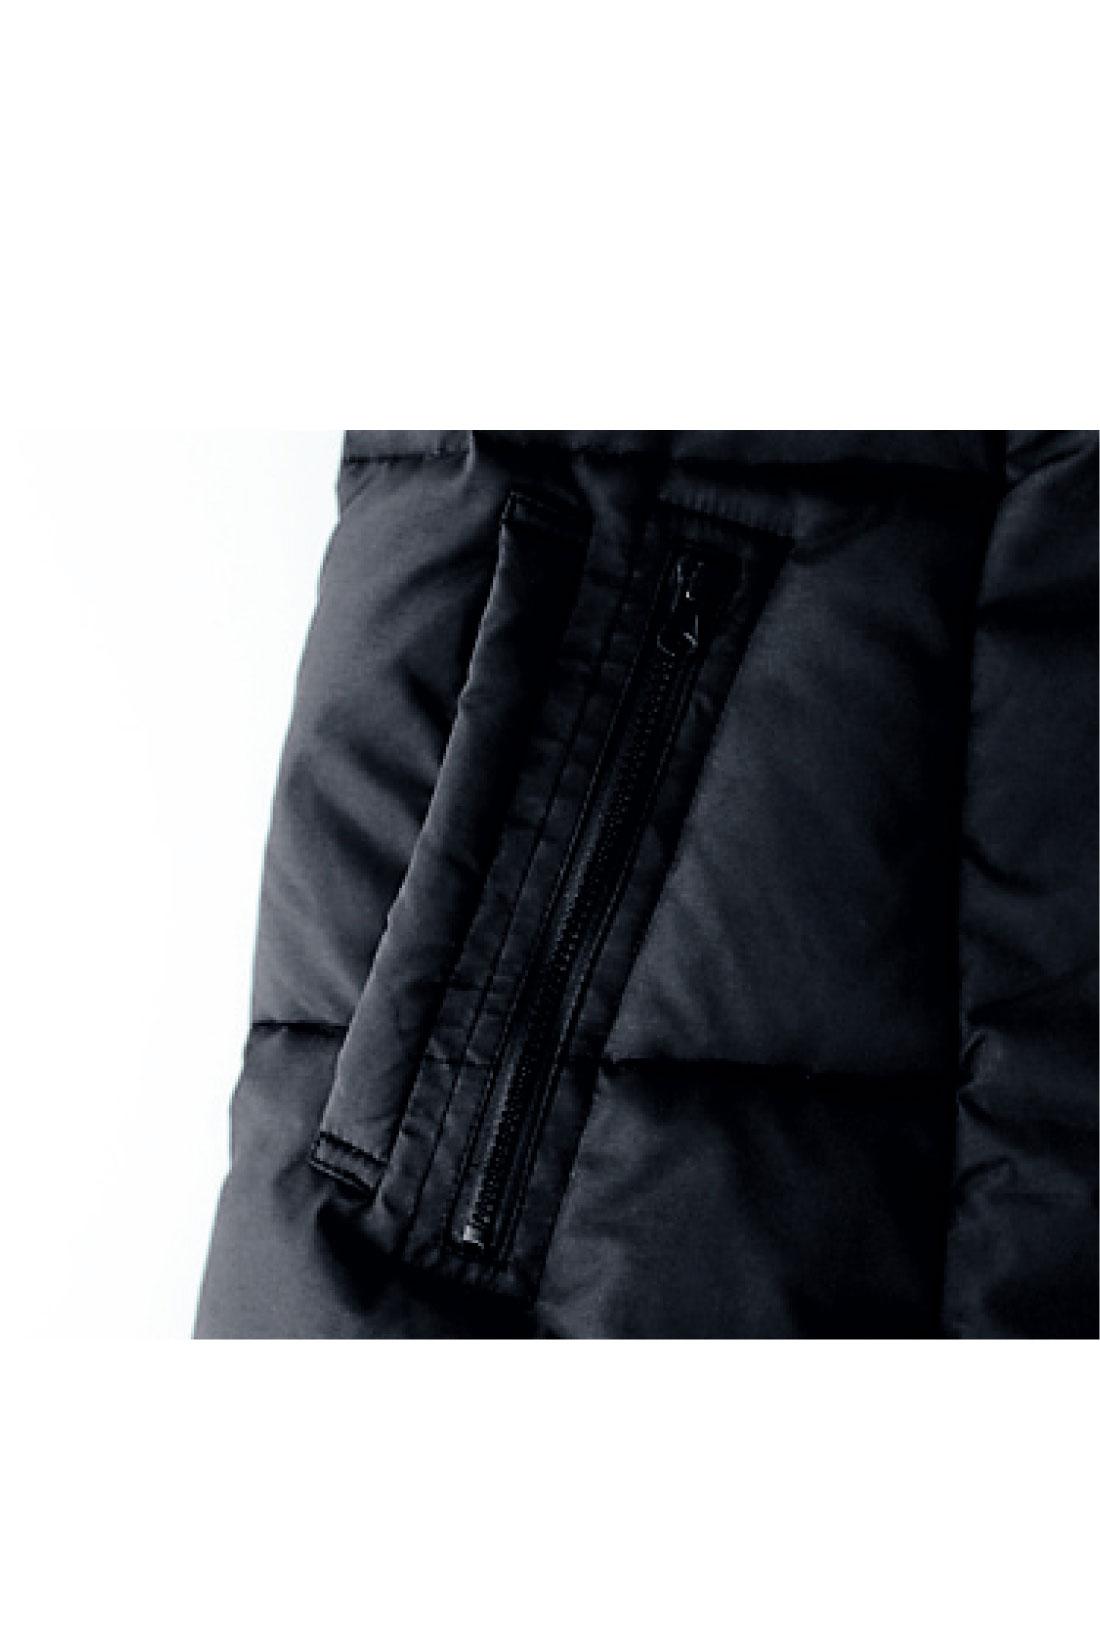 ファスナーポケットと差し込みポケットの、便利でおしゃれなダブルポケット仕様。